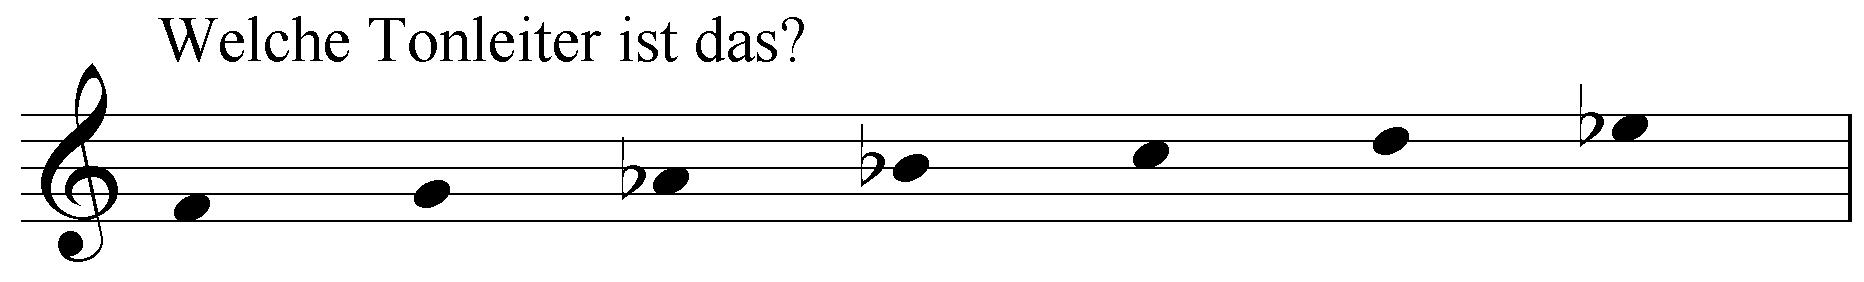 Welche Tonleiter ist das: f g as b c d es?